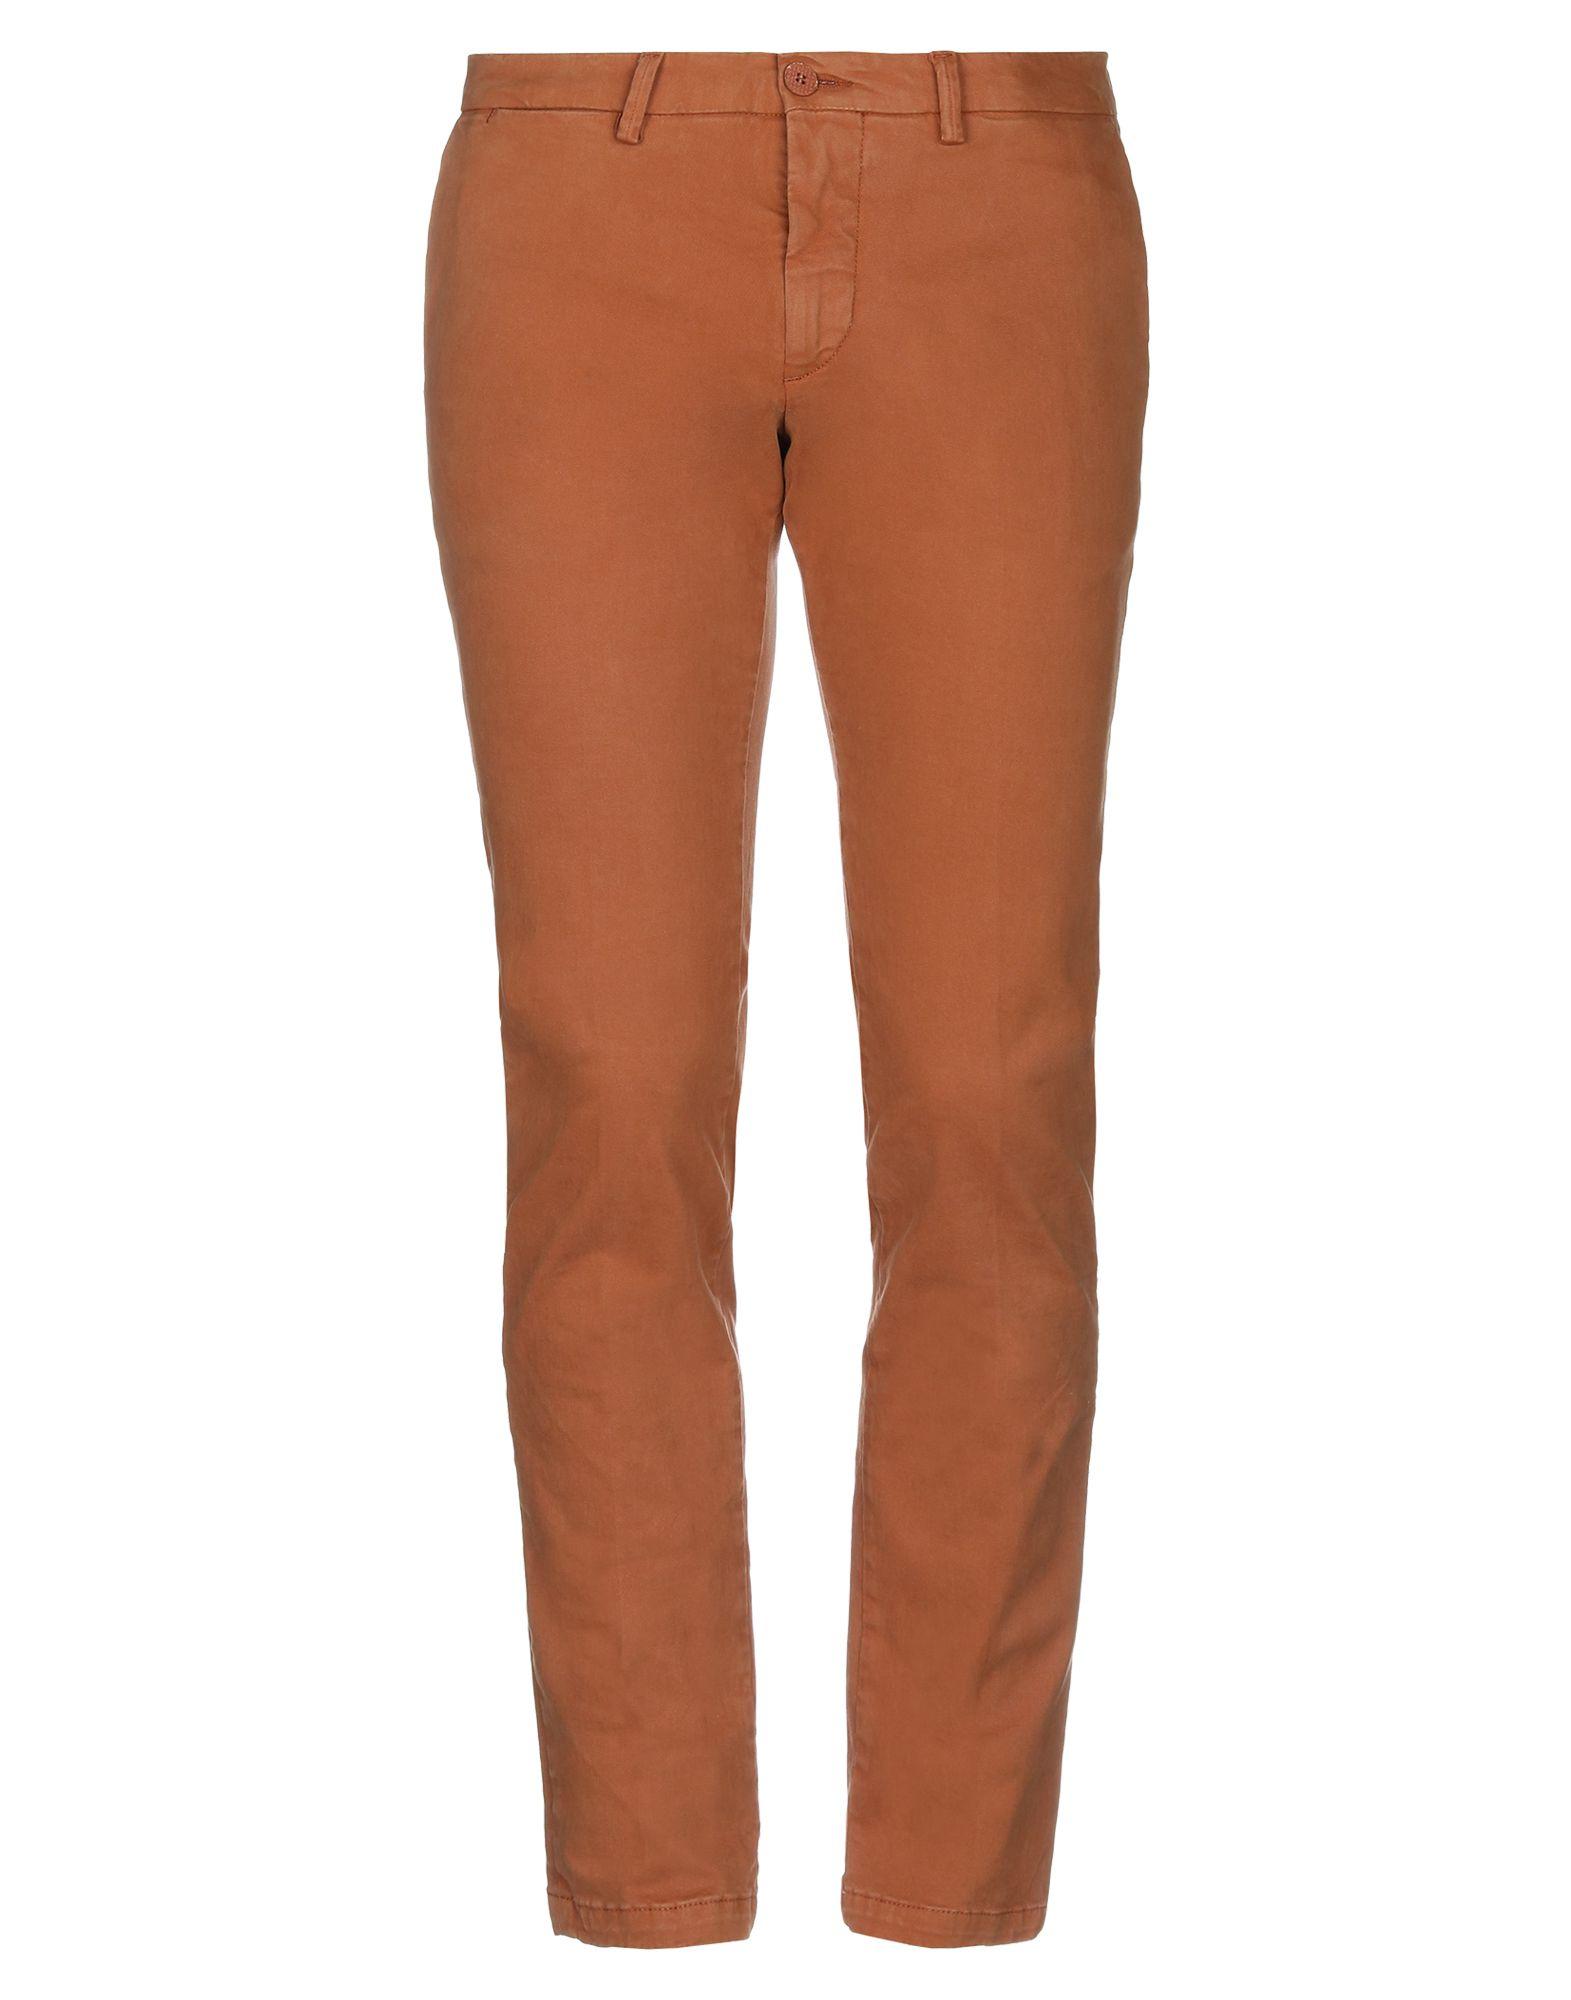 MARTIN ZELO Повседневные брюки francois martin cross повседневные брюки